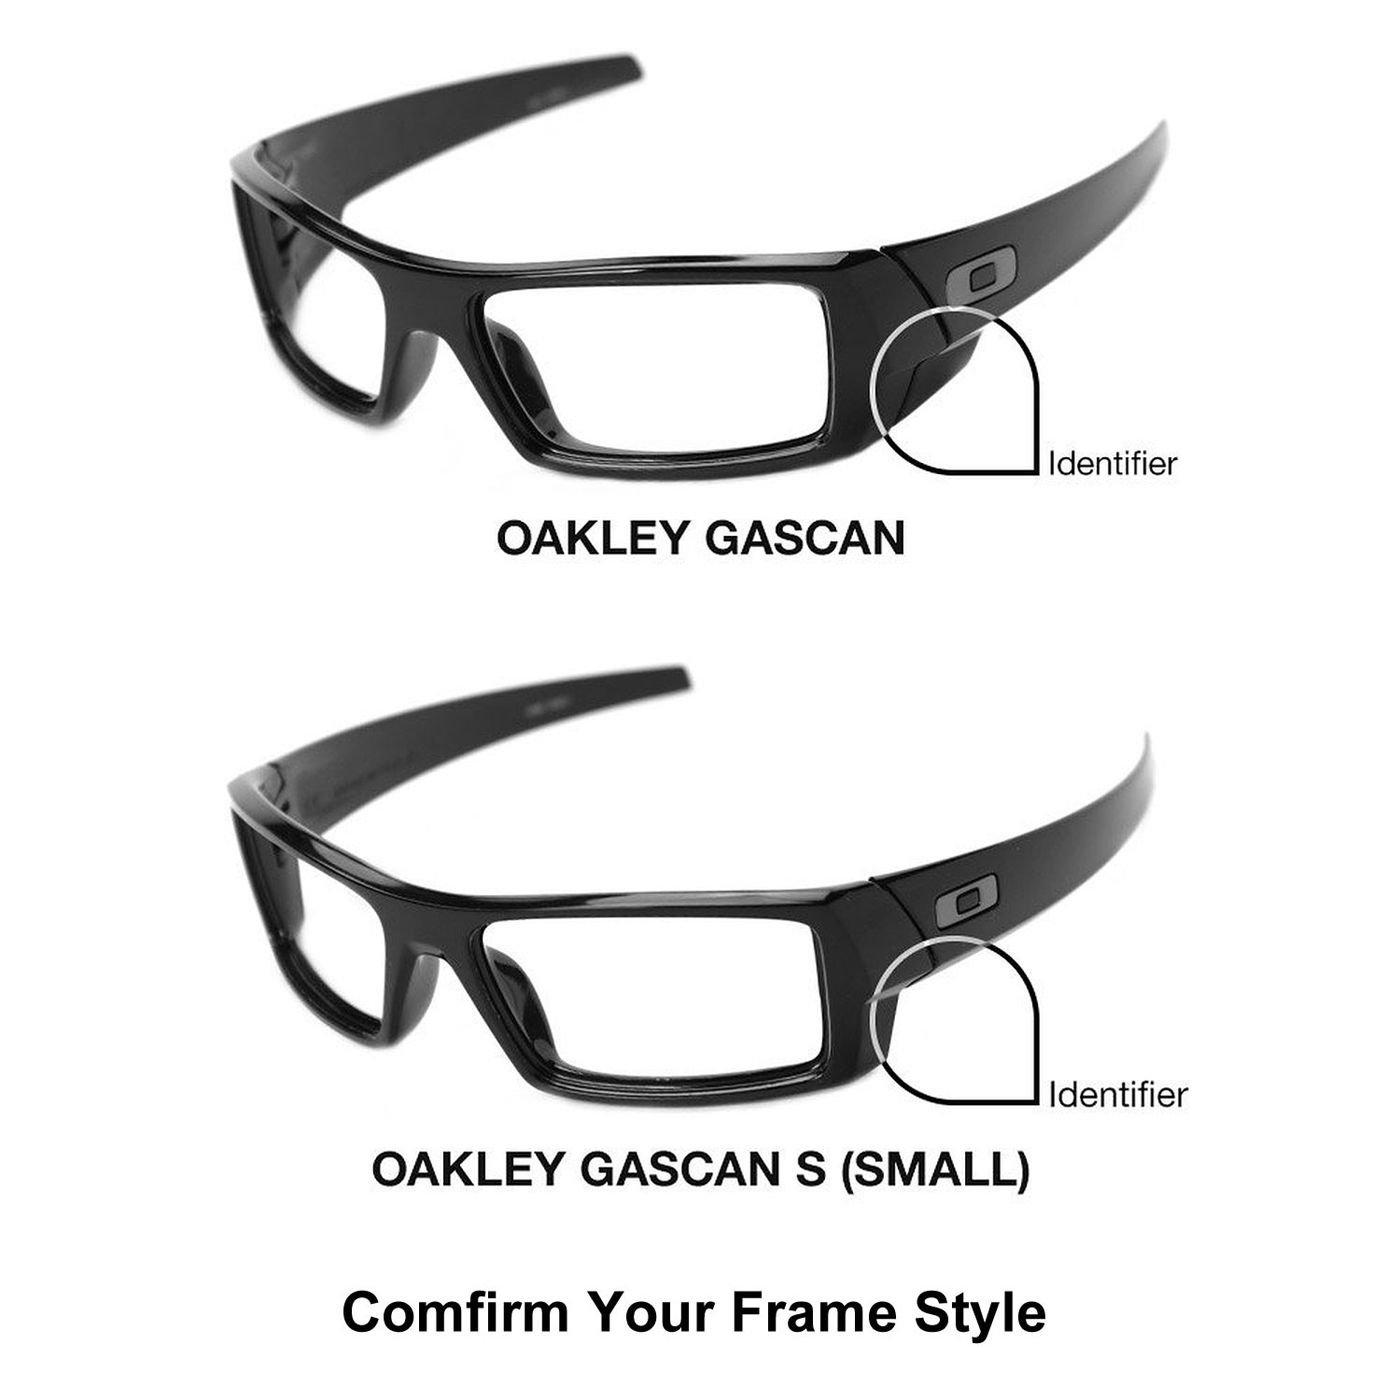 oakley gascan